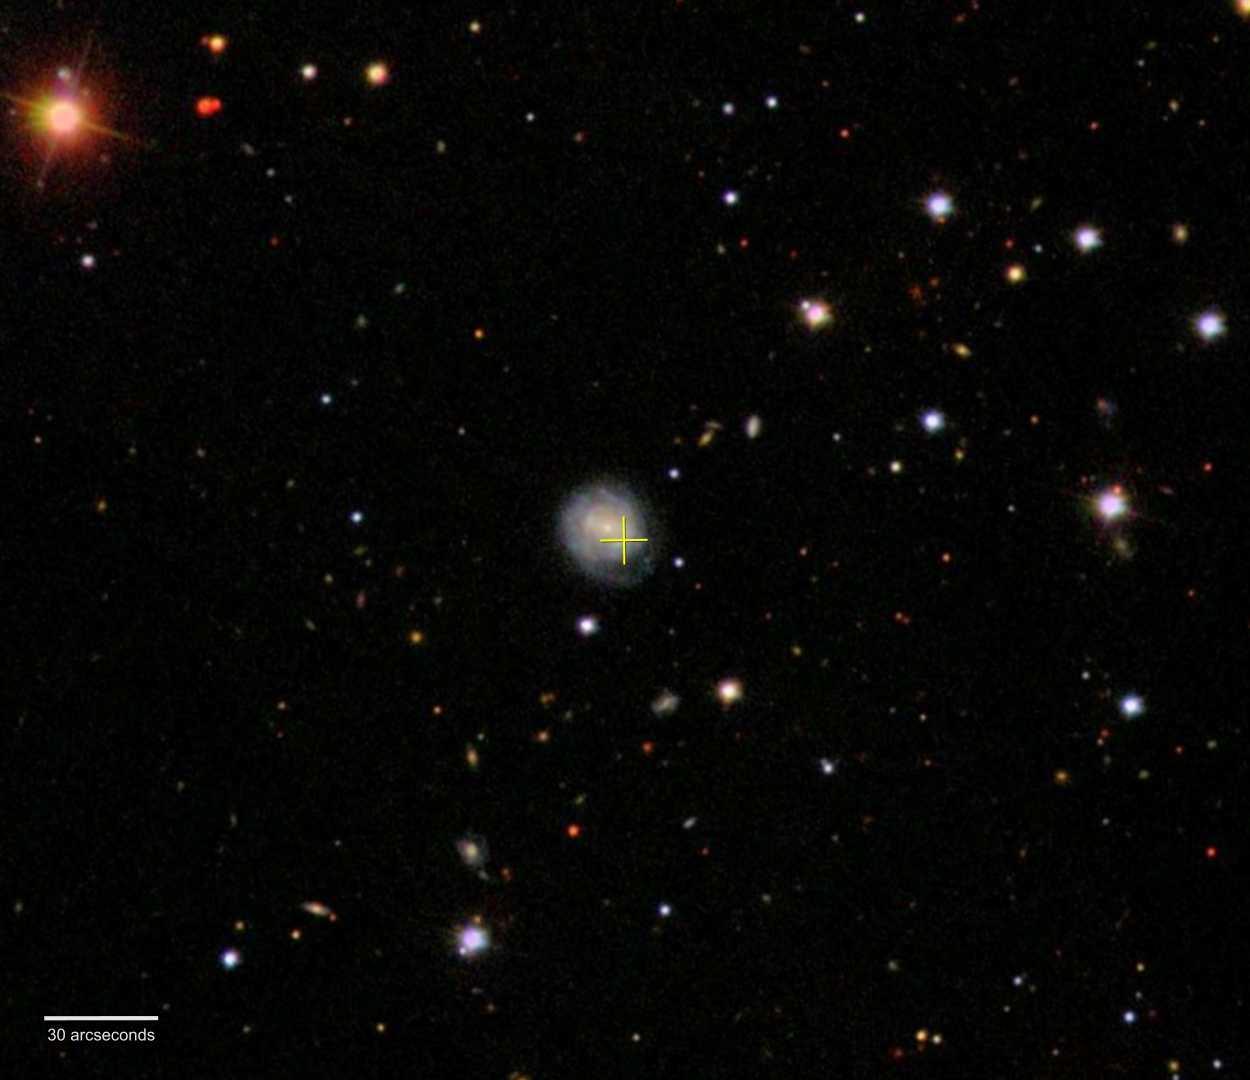 Die Galaxie und ihre Umgebung.